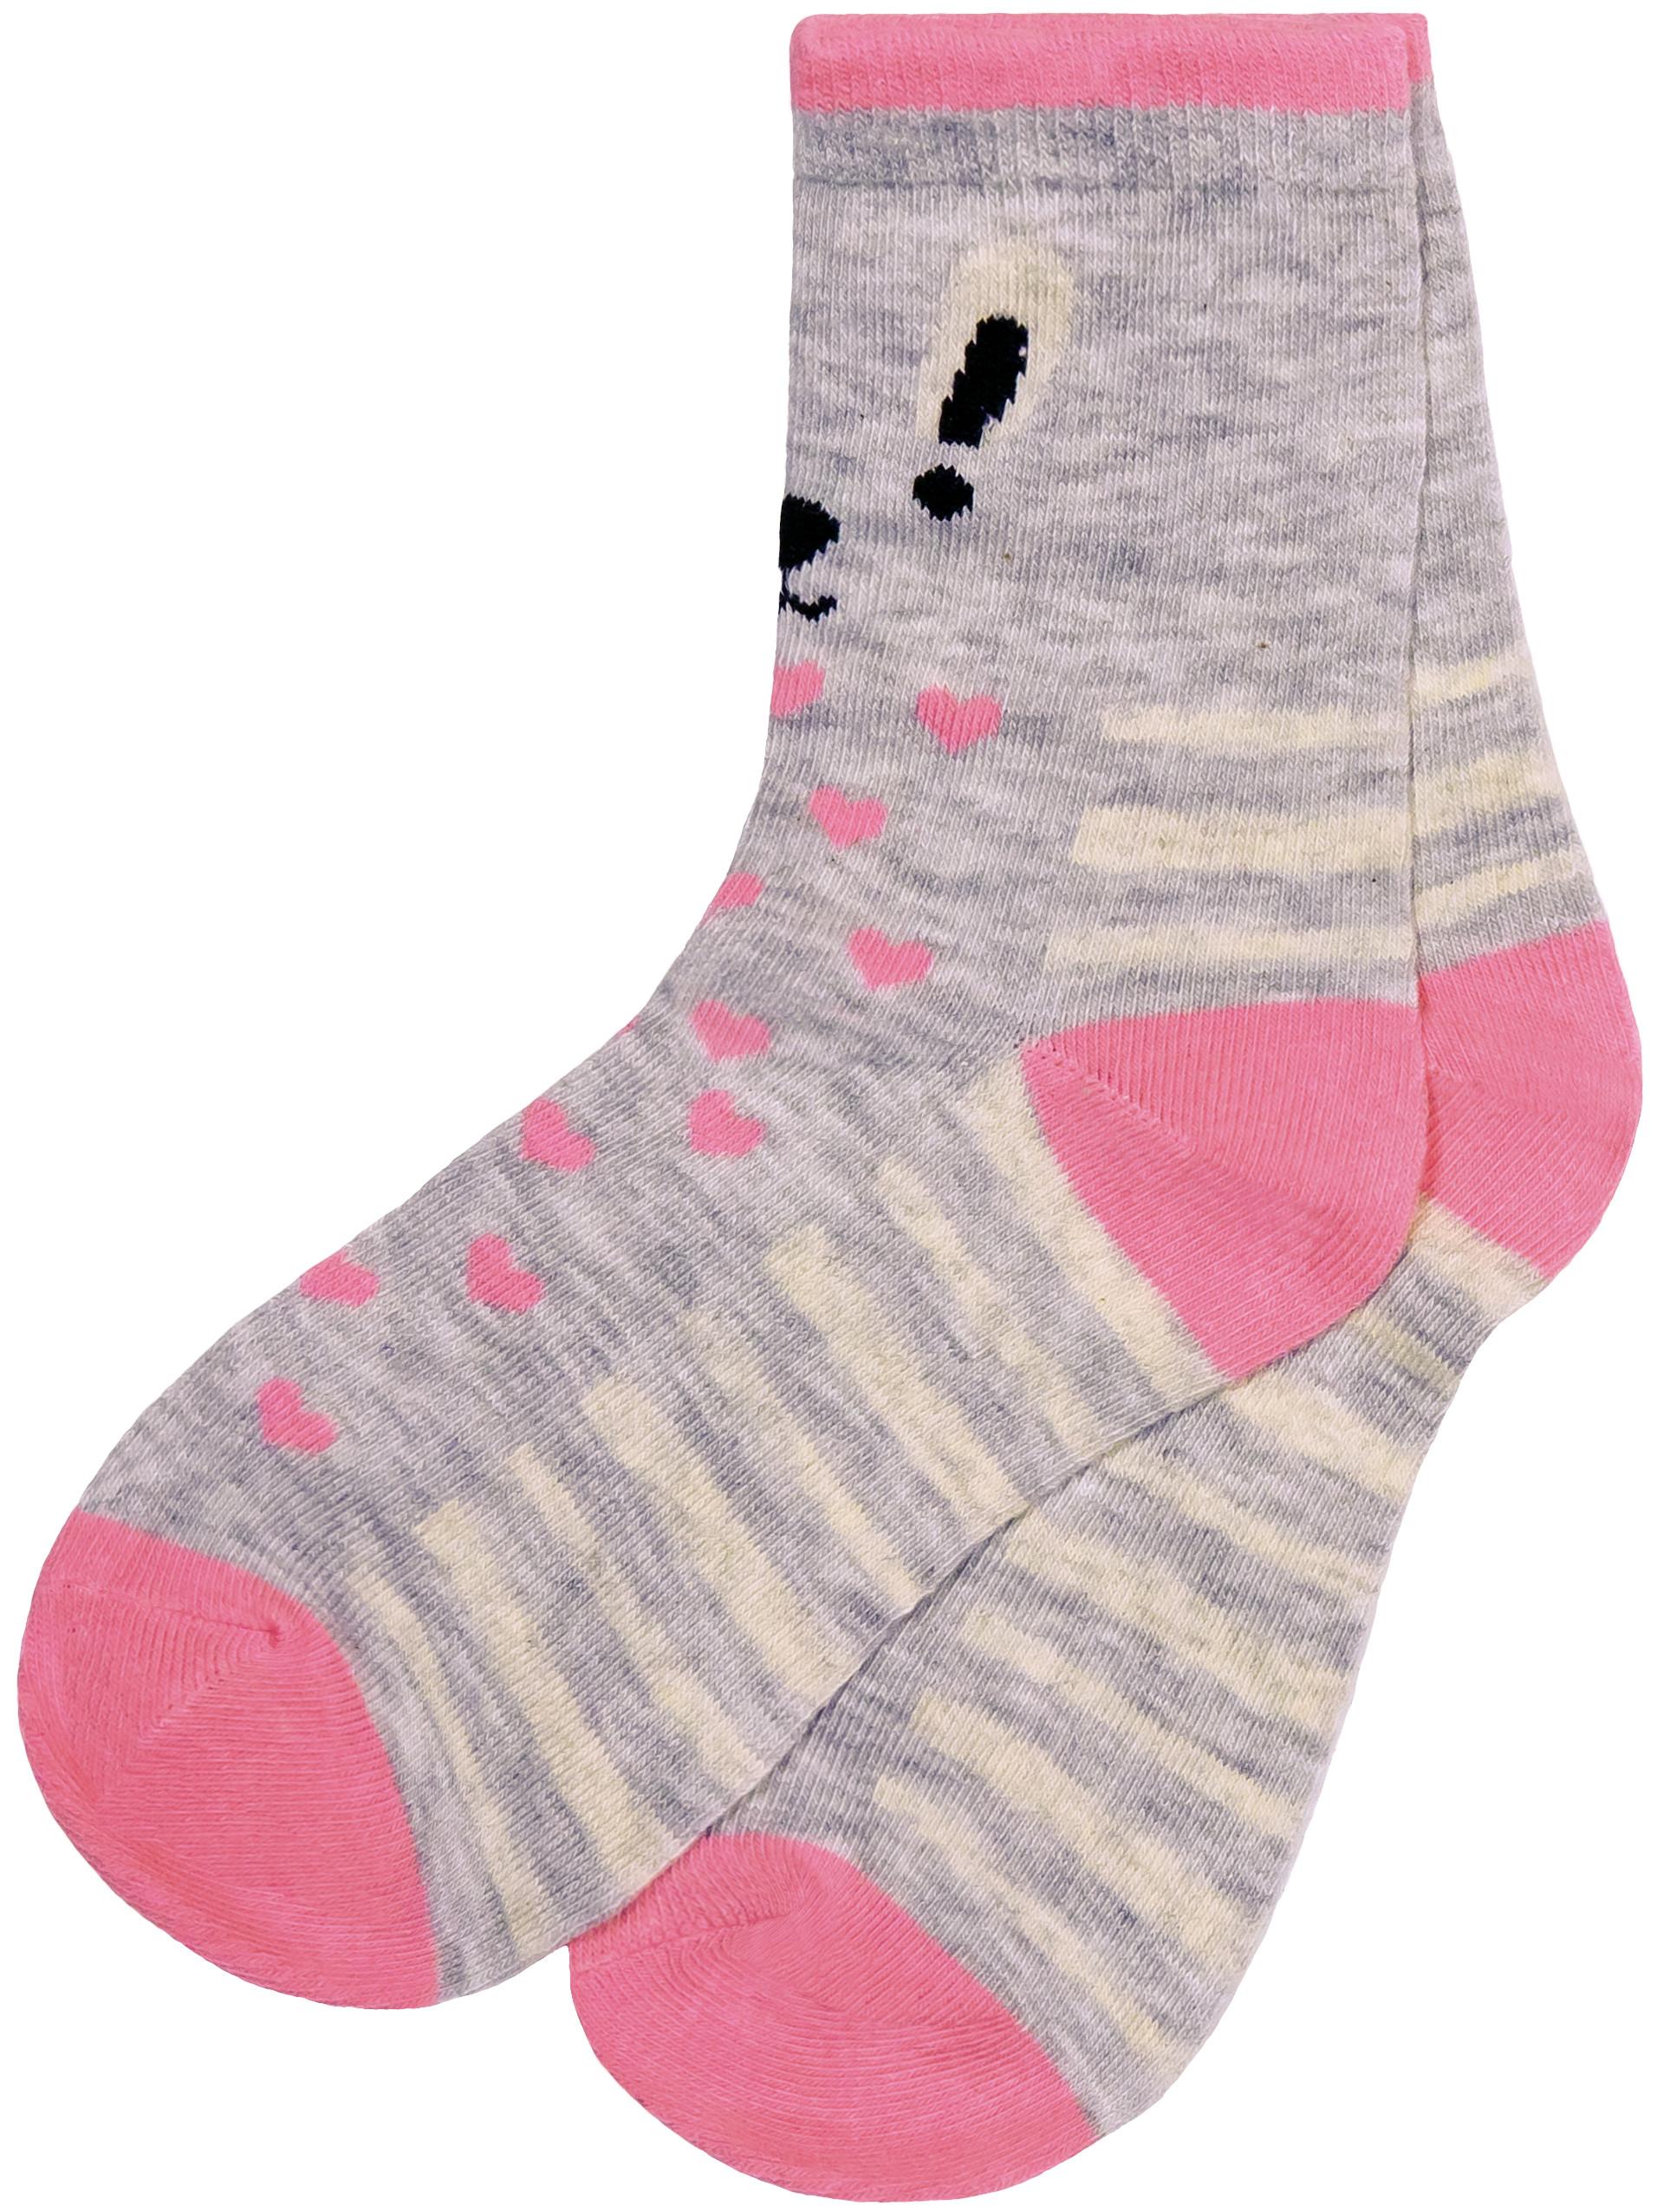 Носки для девочки Barkito S18G3010T носки barkito носки для мальчика комплект 3 пары barkito темно синие серые темно синие с рисунком в полоску